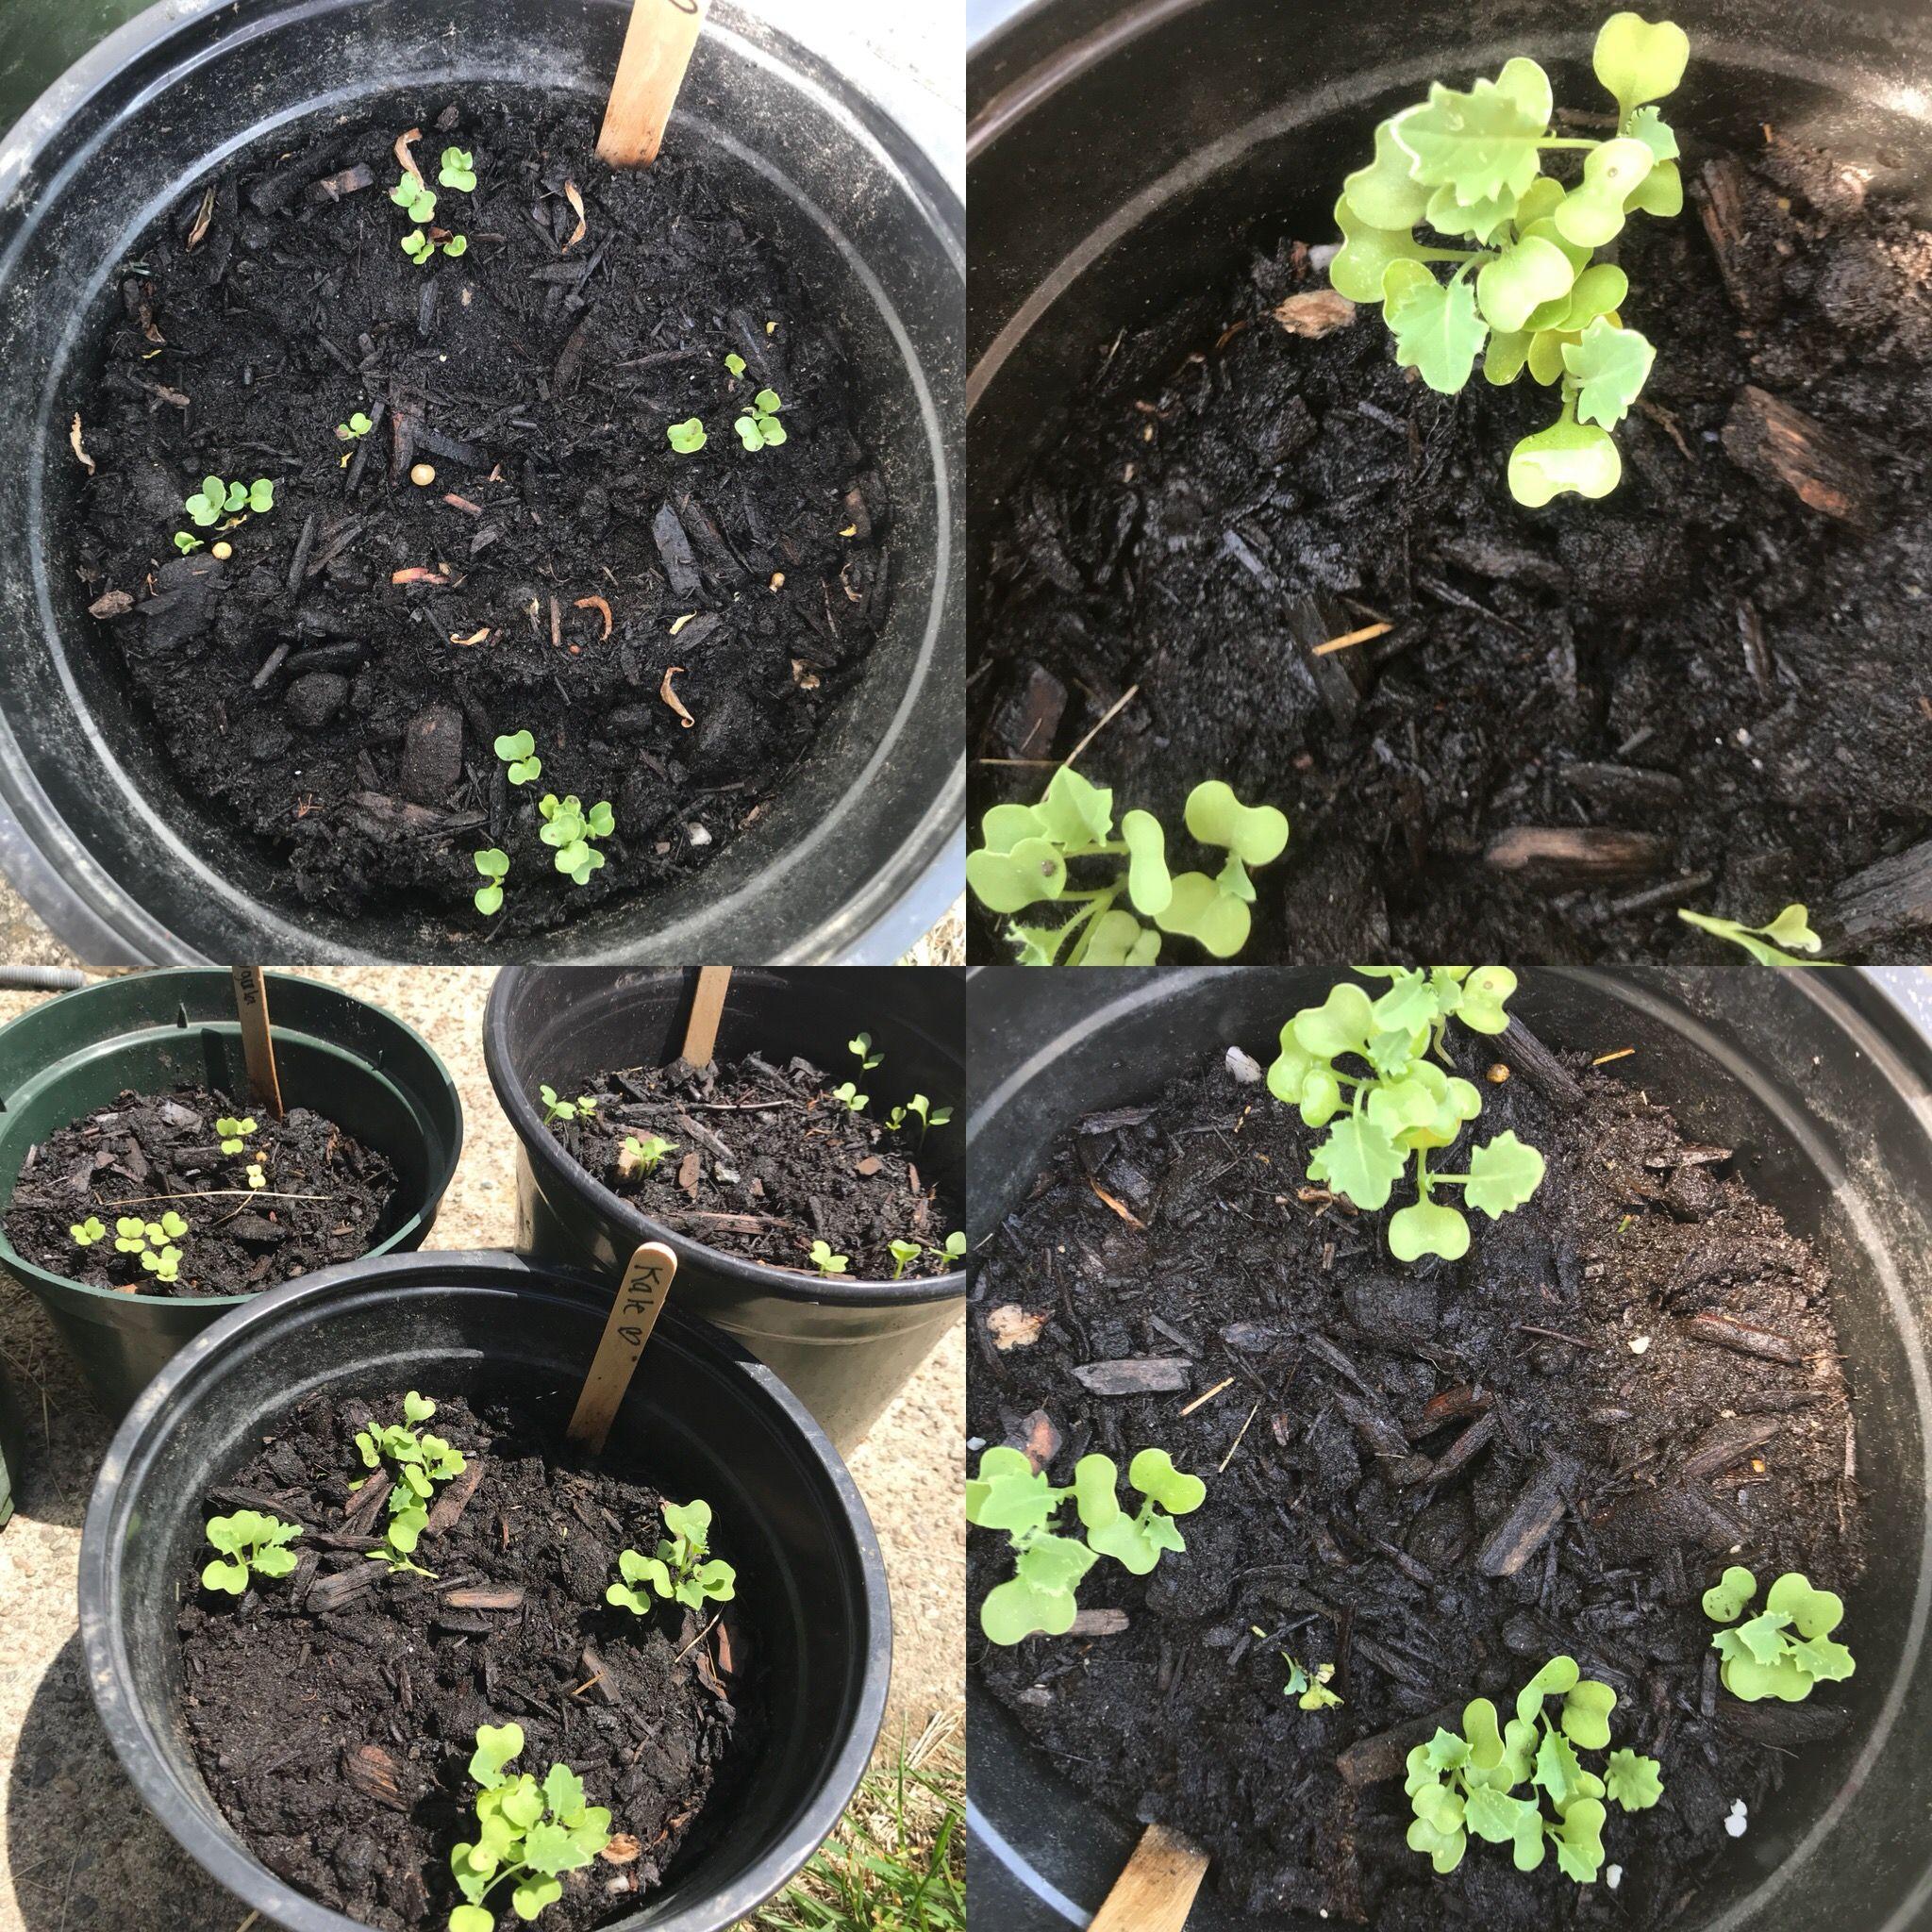 5 Vertical Vegetable Garden Ideas For Beginners: Pin By Jessica Mulveny On Beginner Vegetable Garden